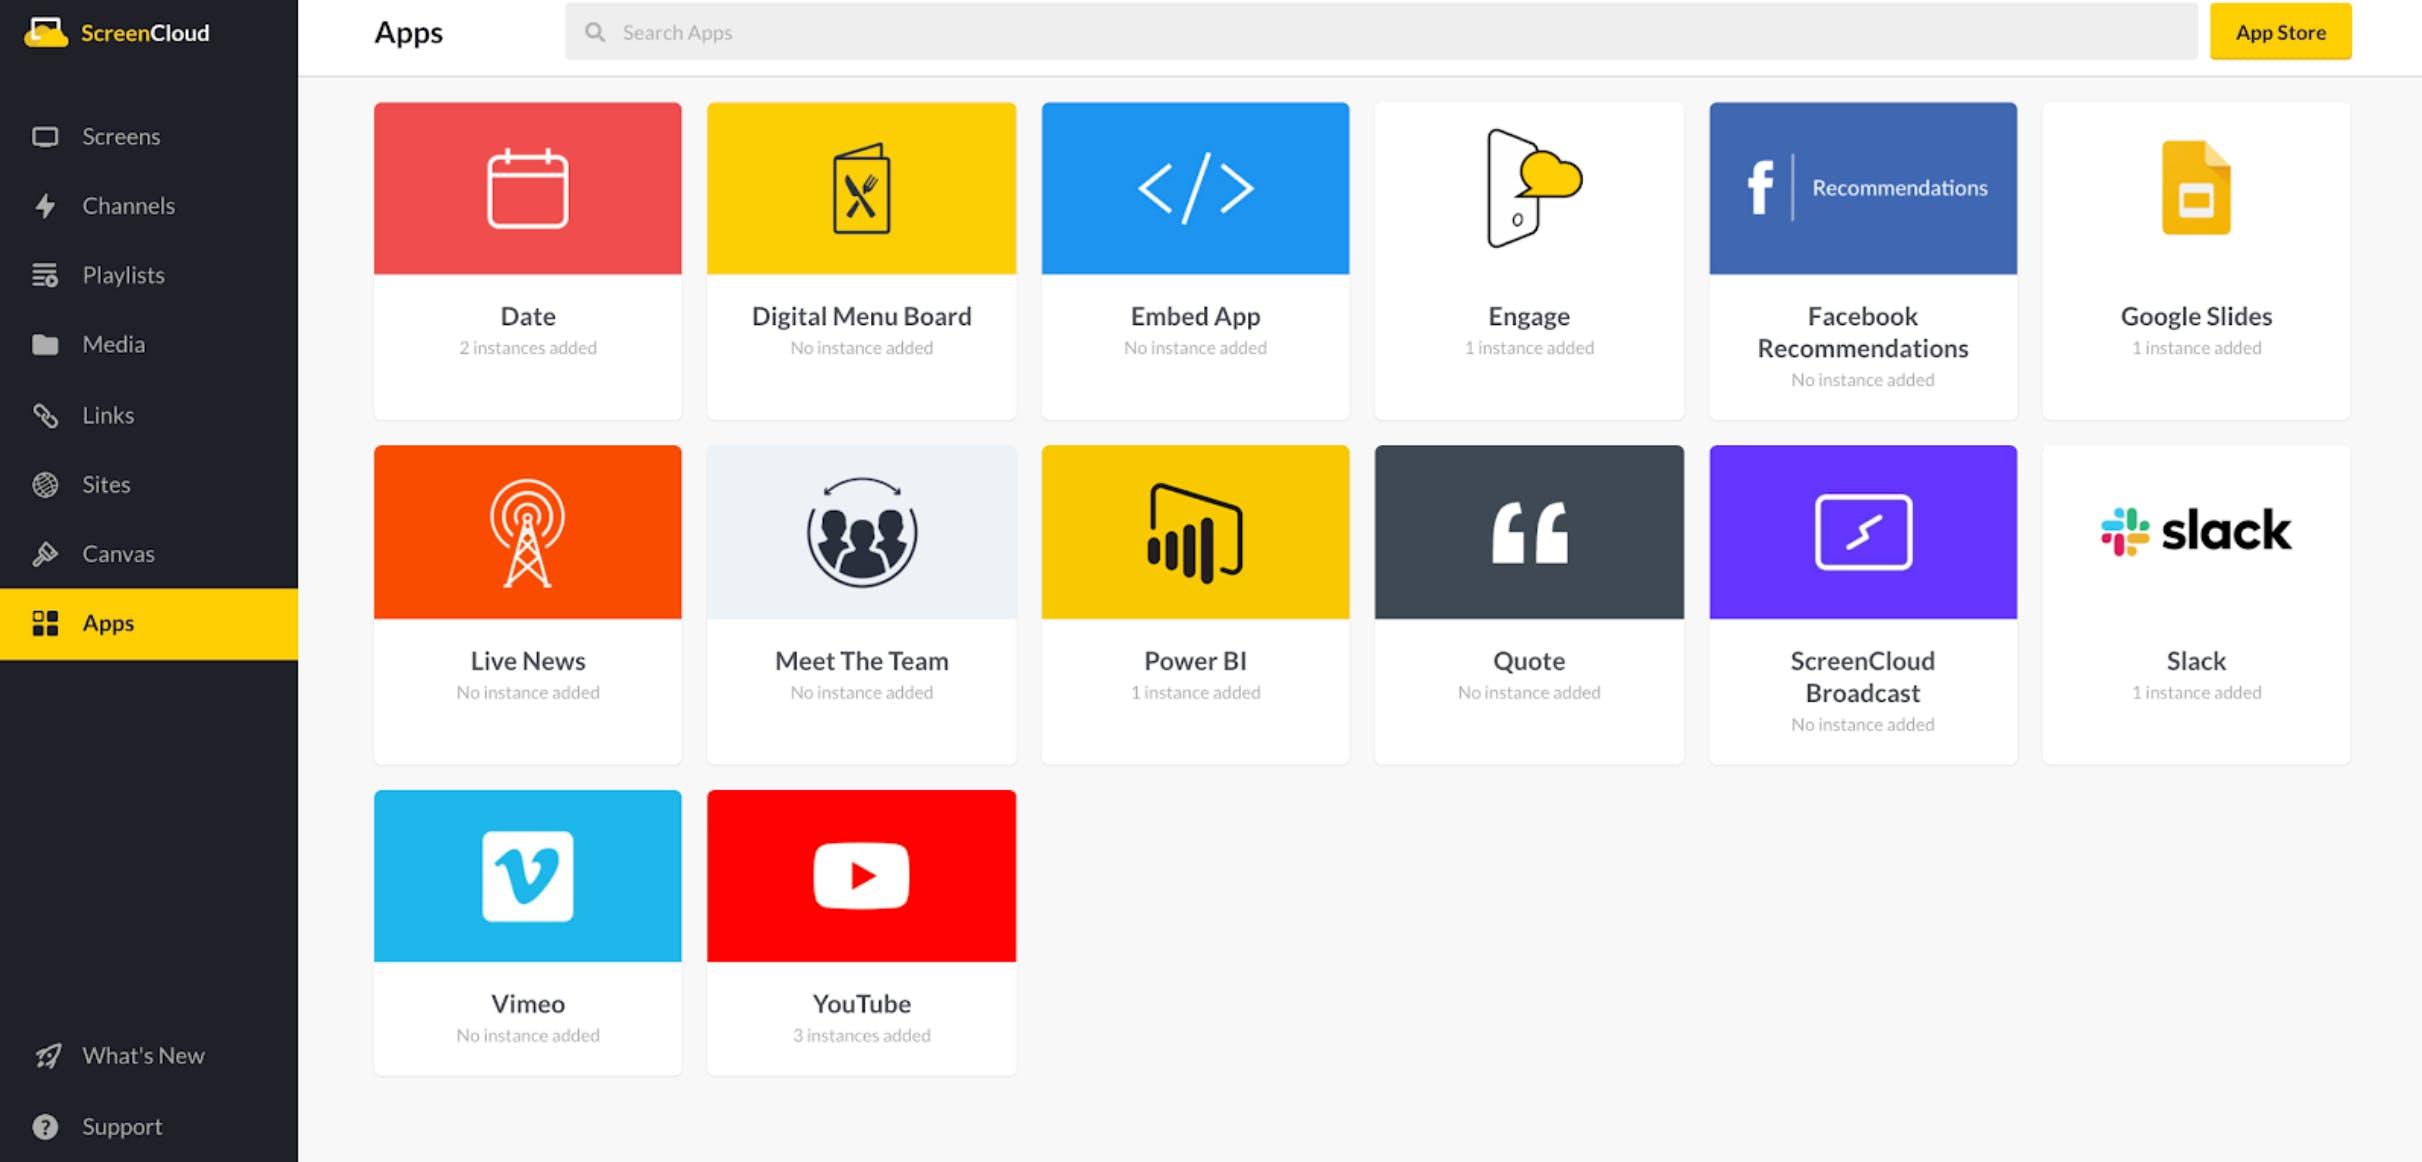 ScreenCloud Walls.io App Guide - App Store 1.21.2021.png